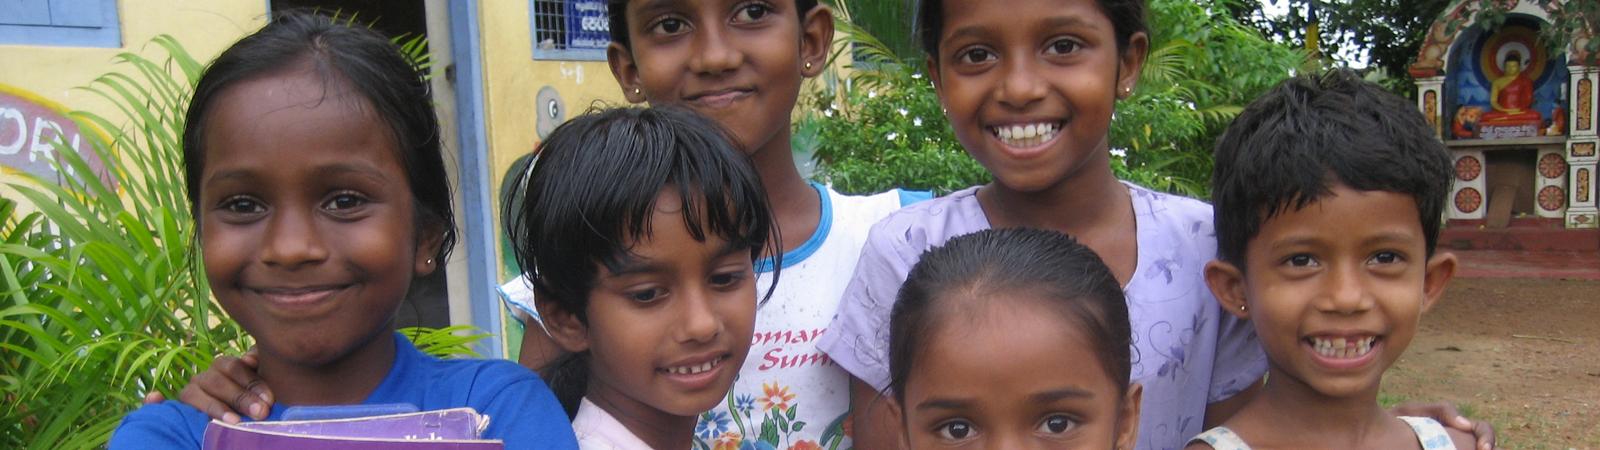 Ayubowan Sri-Lanka e.V.